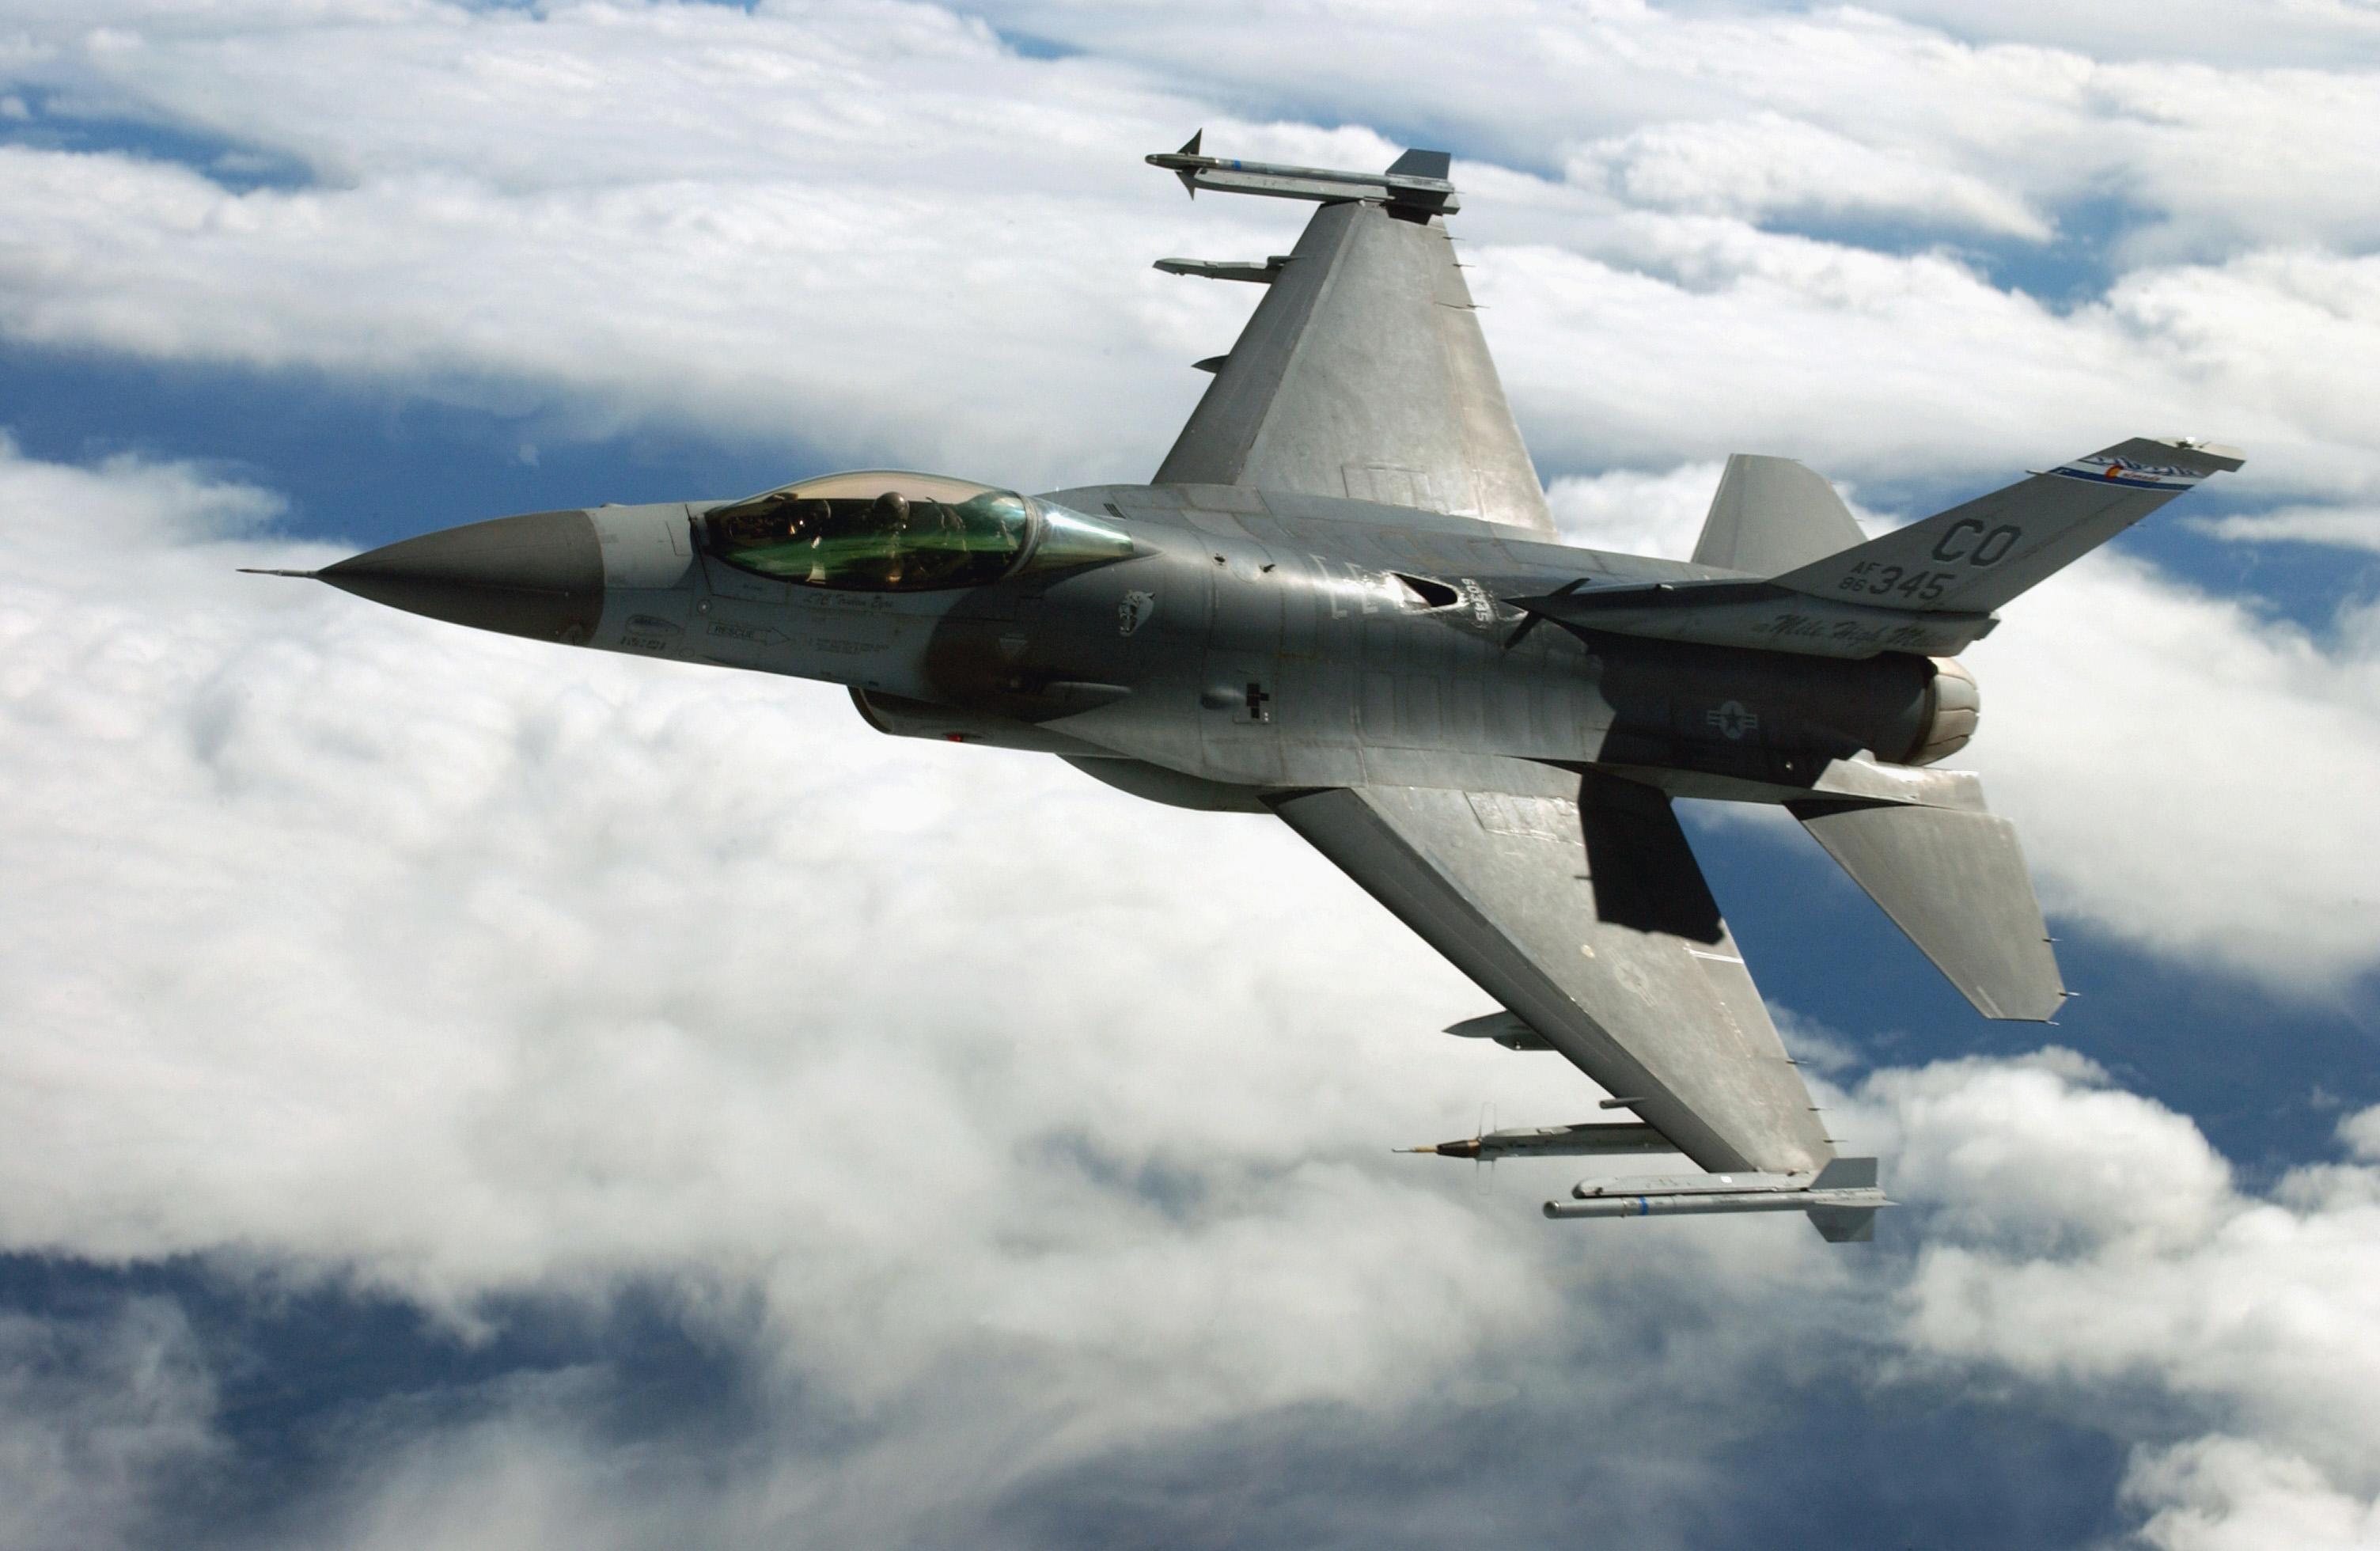 TREBALO JE DA BUDE PONOS IZRAELA, A ONDA JE AMERIKANCE POJELA LJUBOMORA - Page 2 USAF_F-16C_Profile